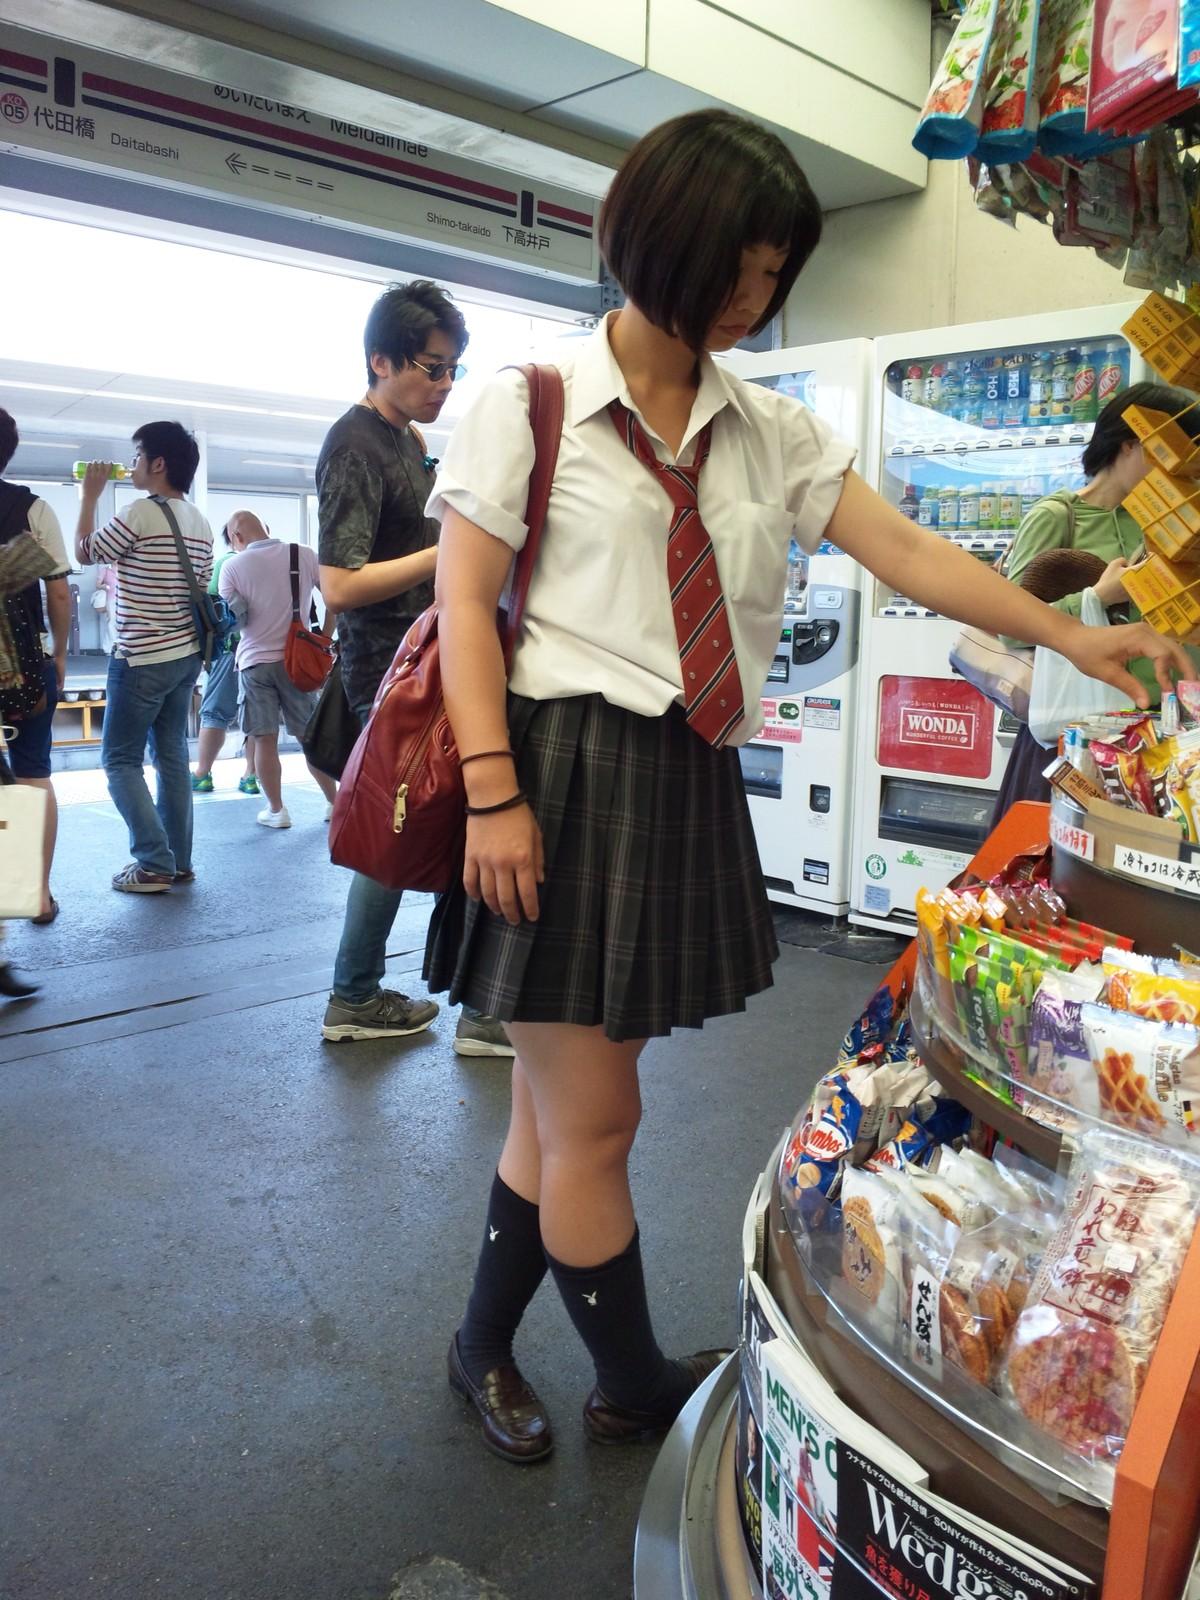 女子高生の日常風景がなんだか素敵な画像www HdaYJbl